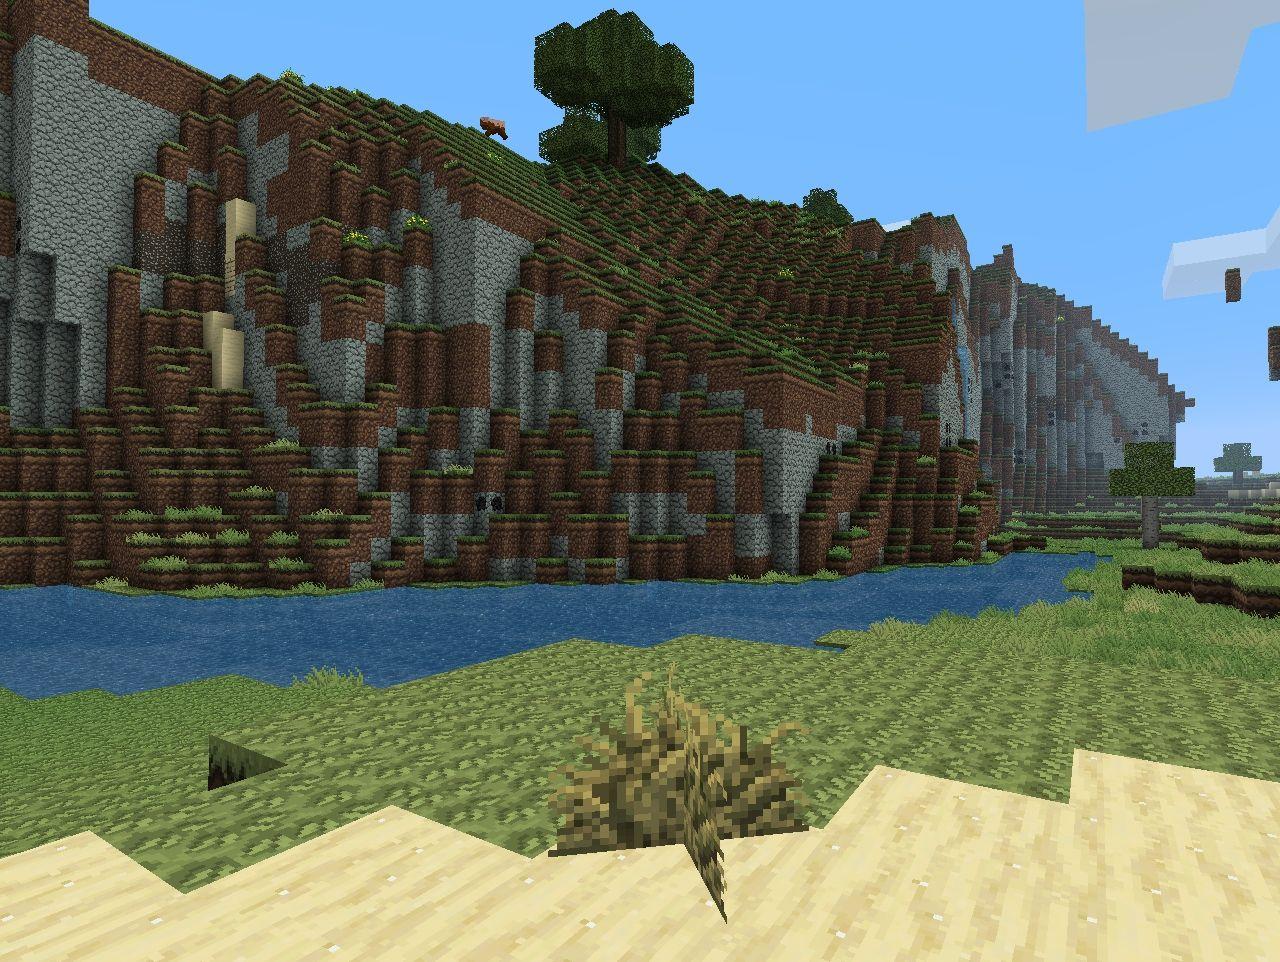 Minecraft Dokucraft Items